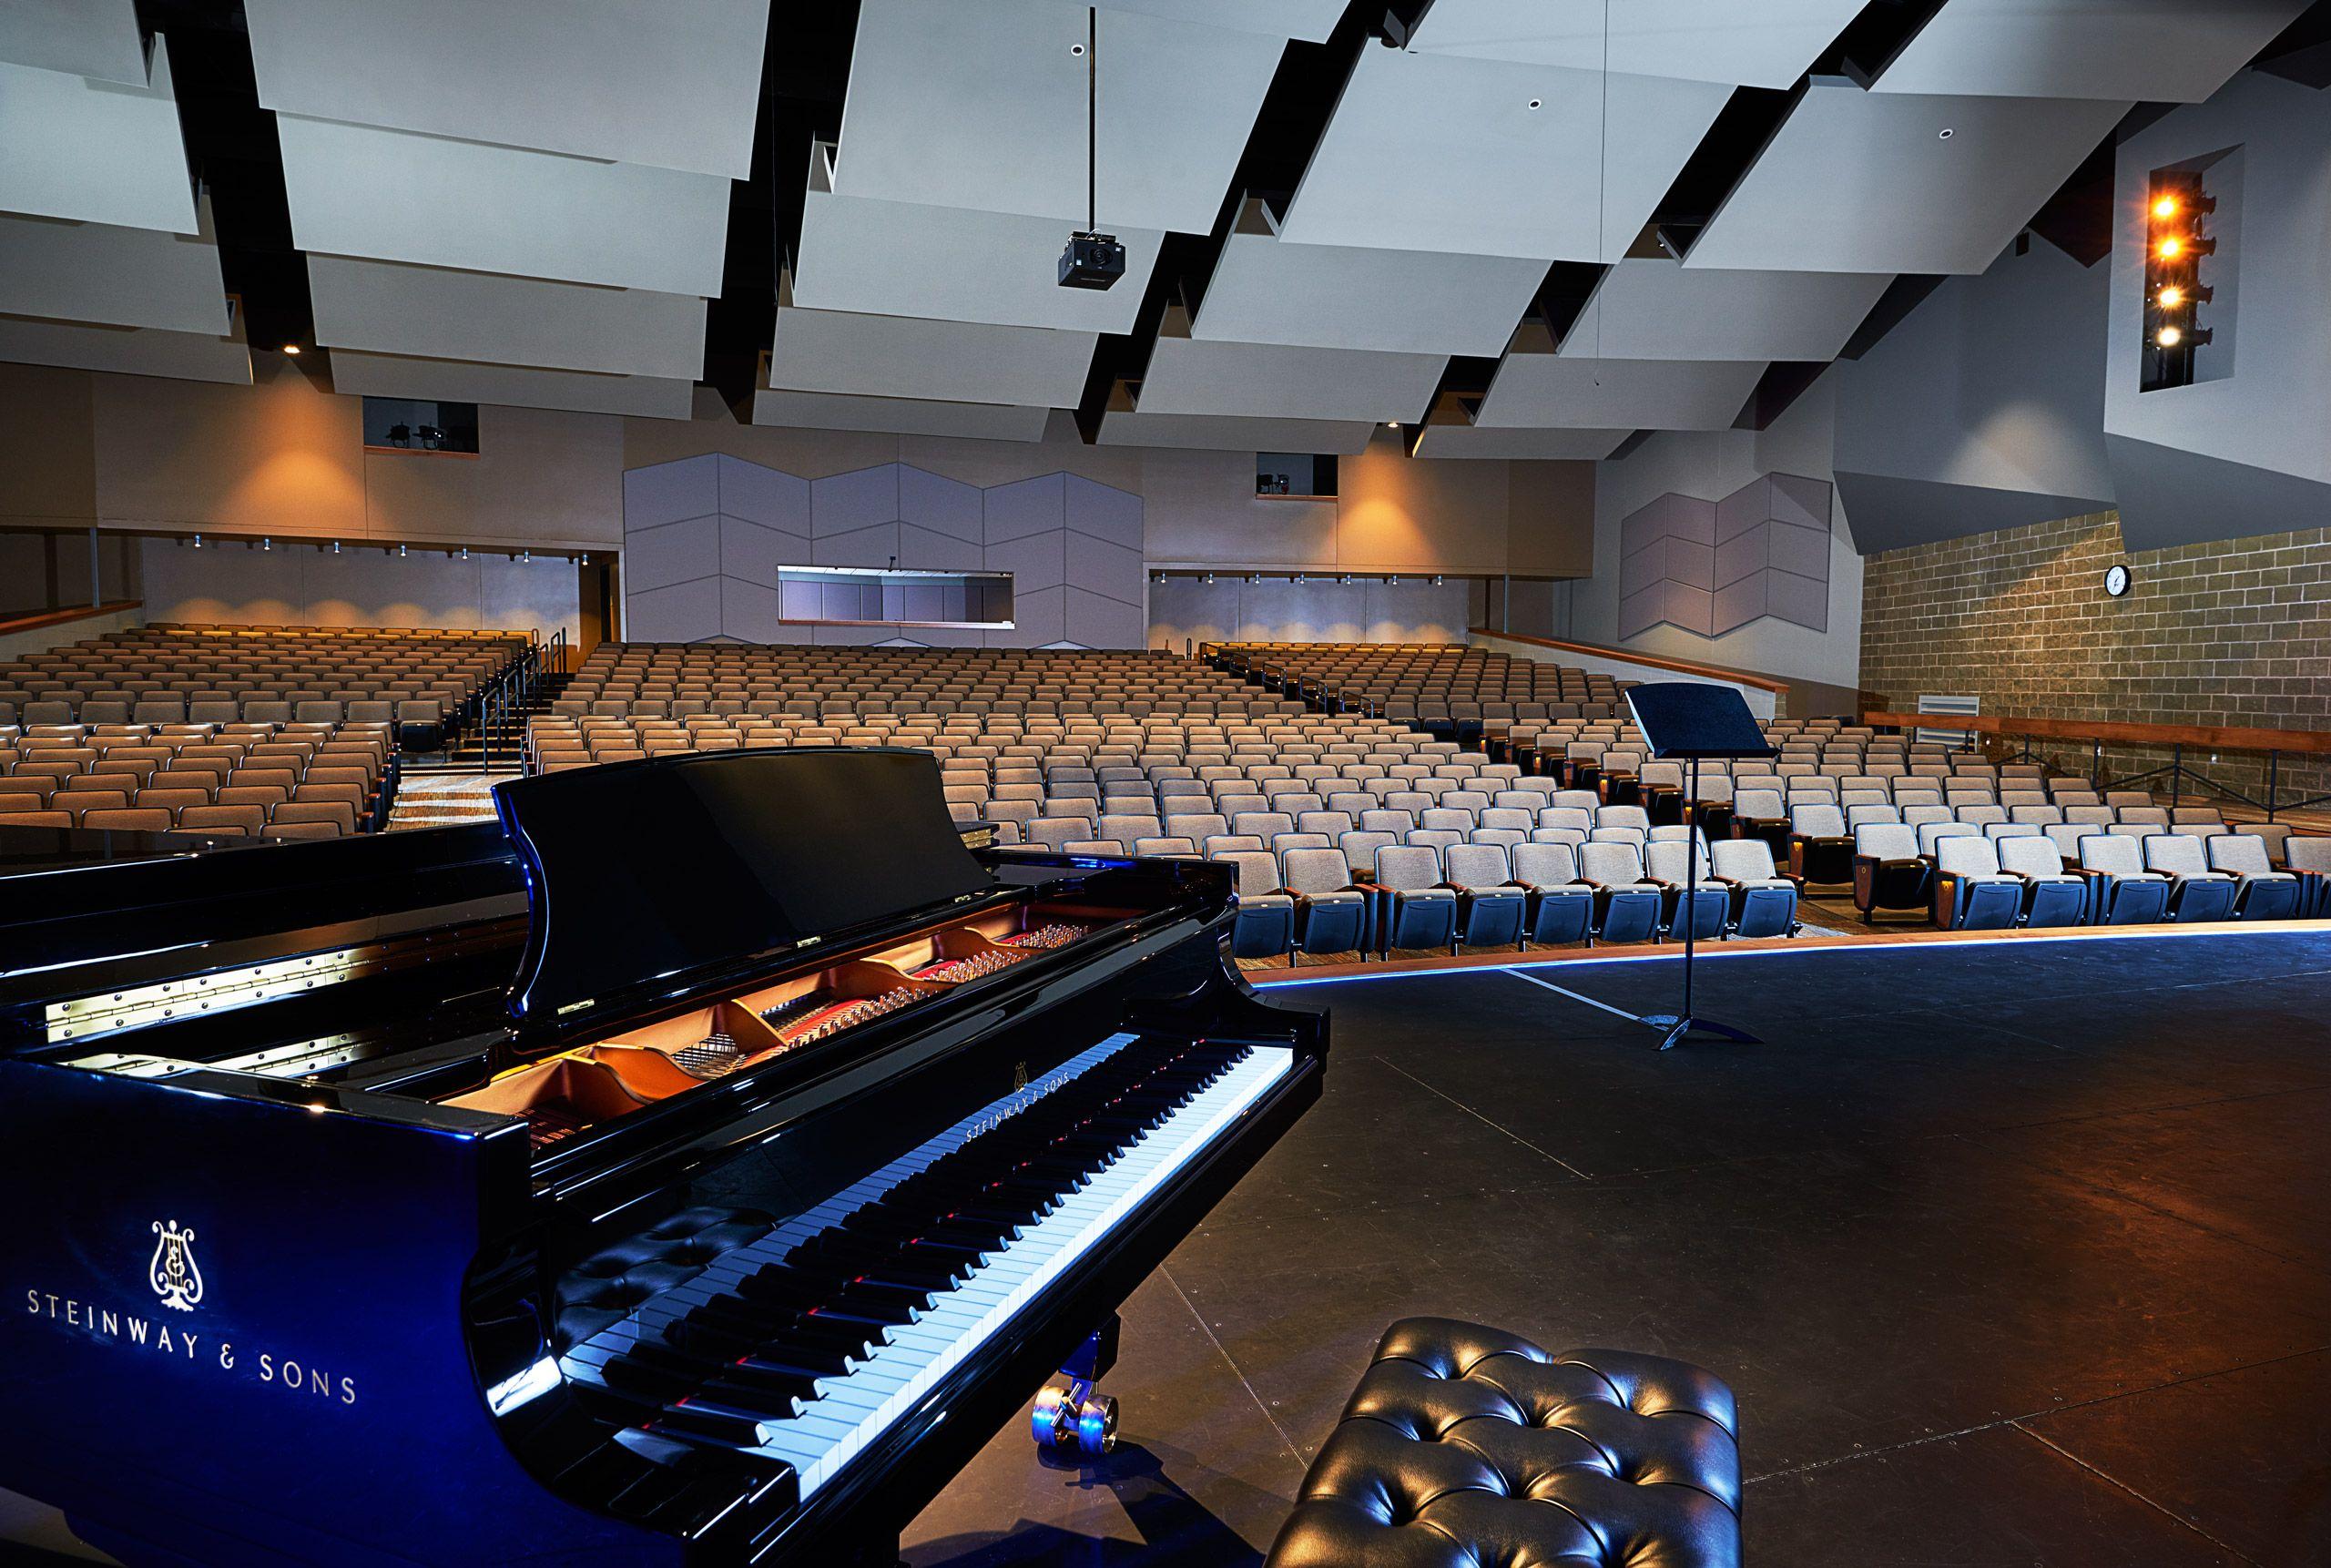 Interior architectural photograph University of Dubuque auditorium